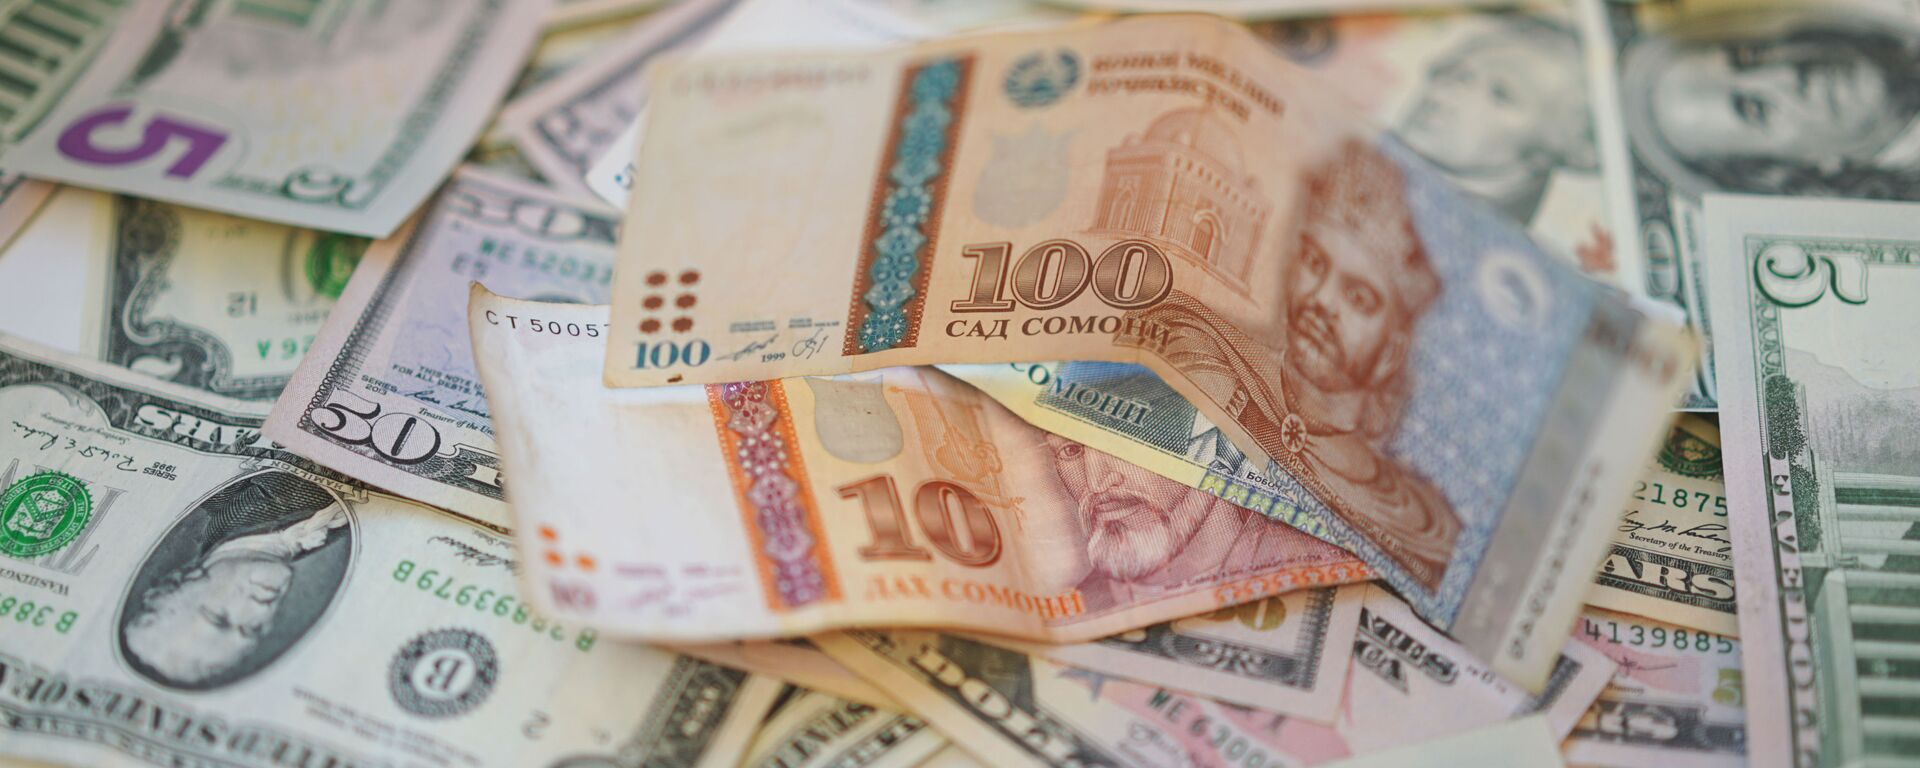 Сомони и доллары, архивное фото - Sputnik Таджикистан, 1920, 10.02.2021